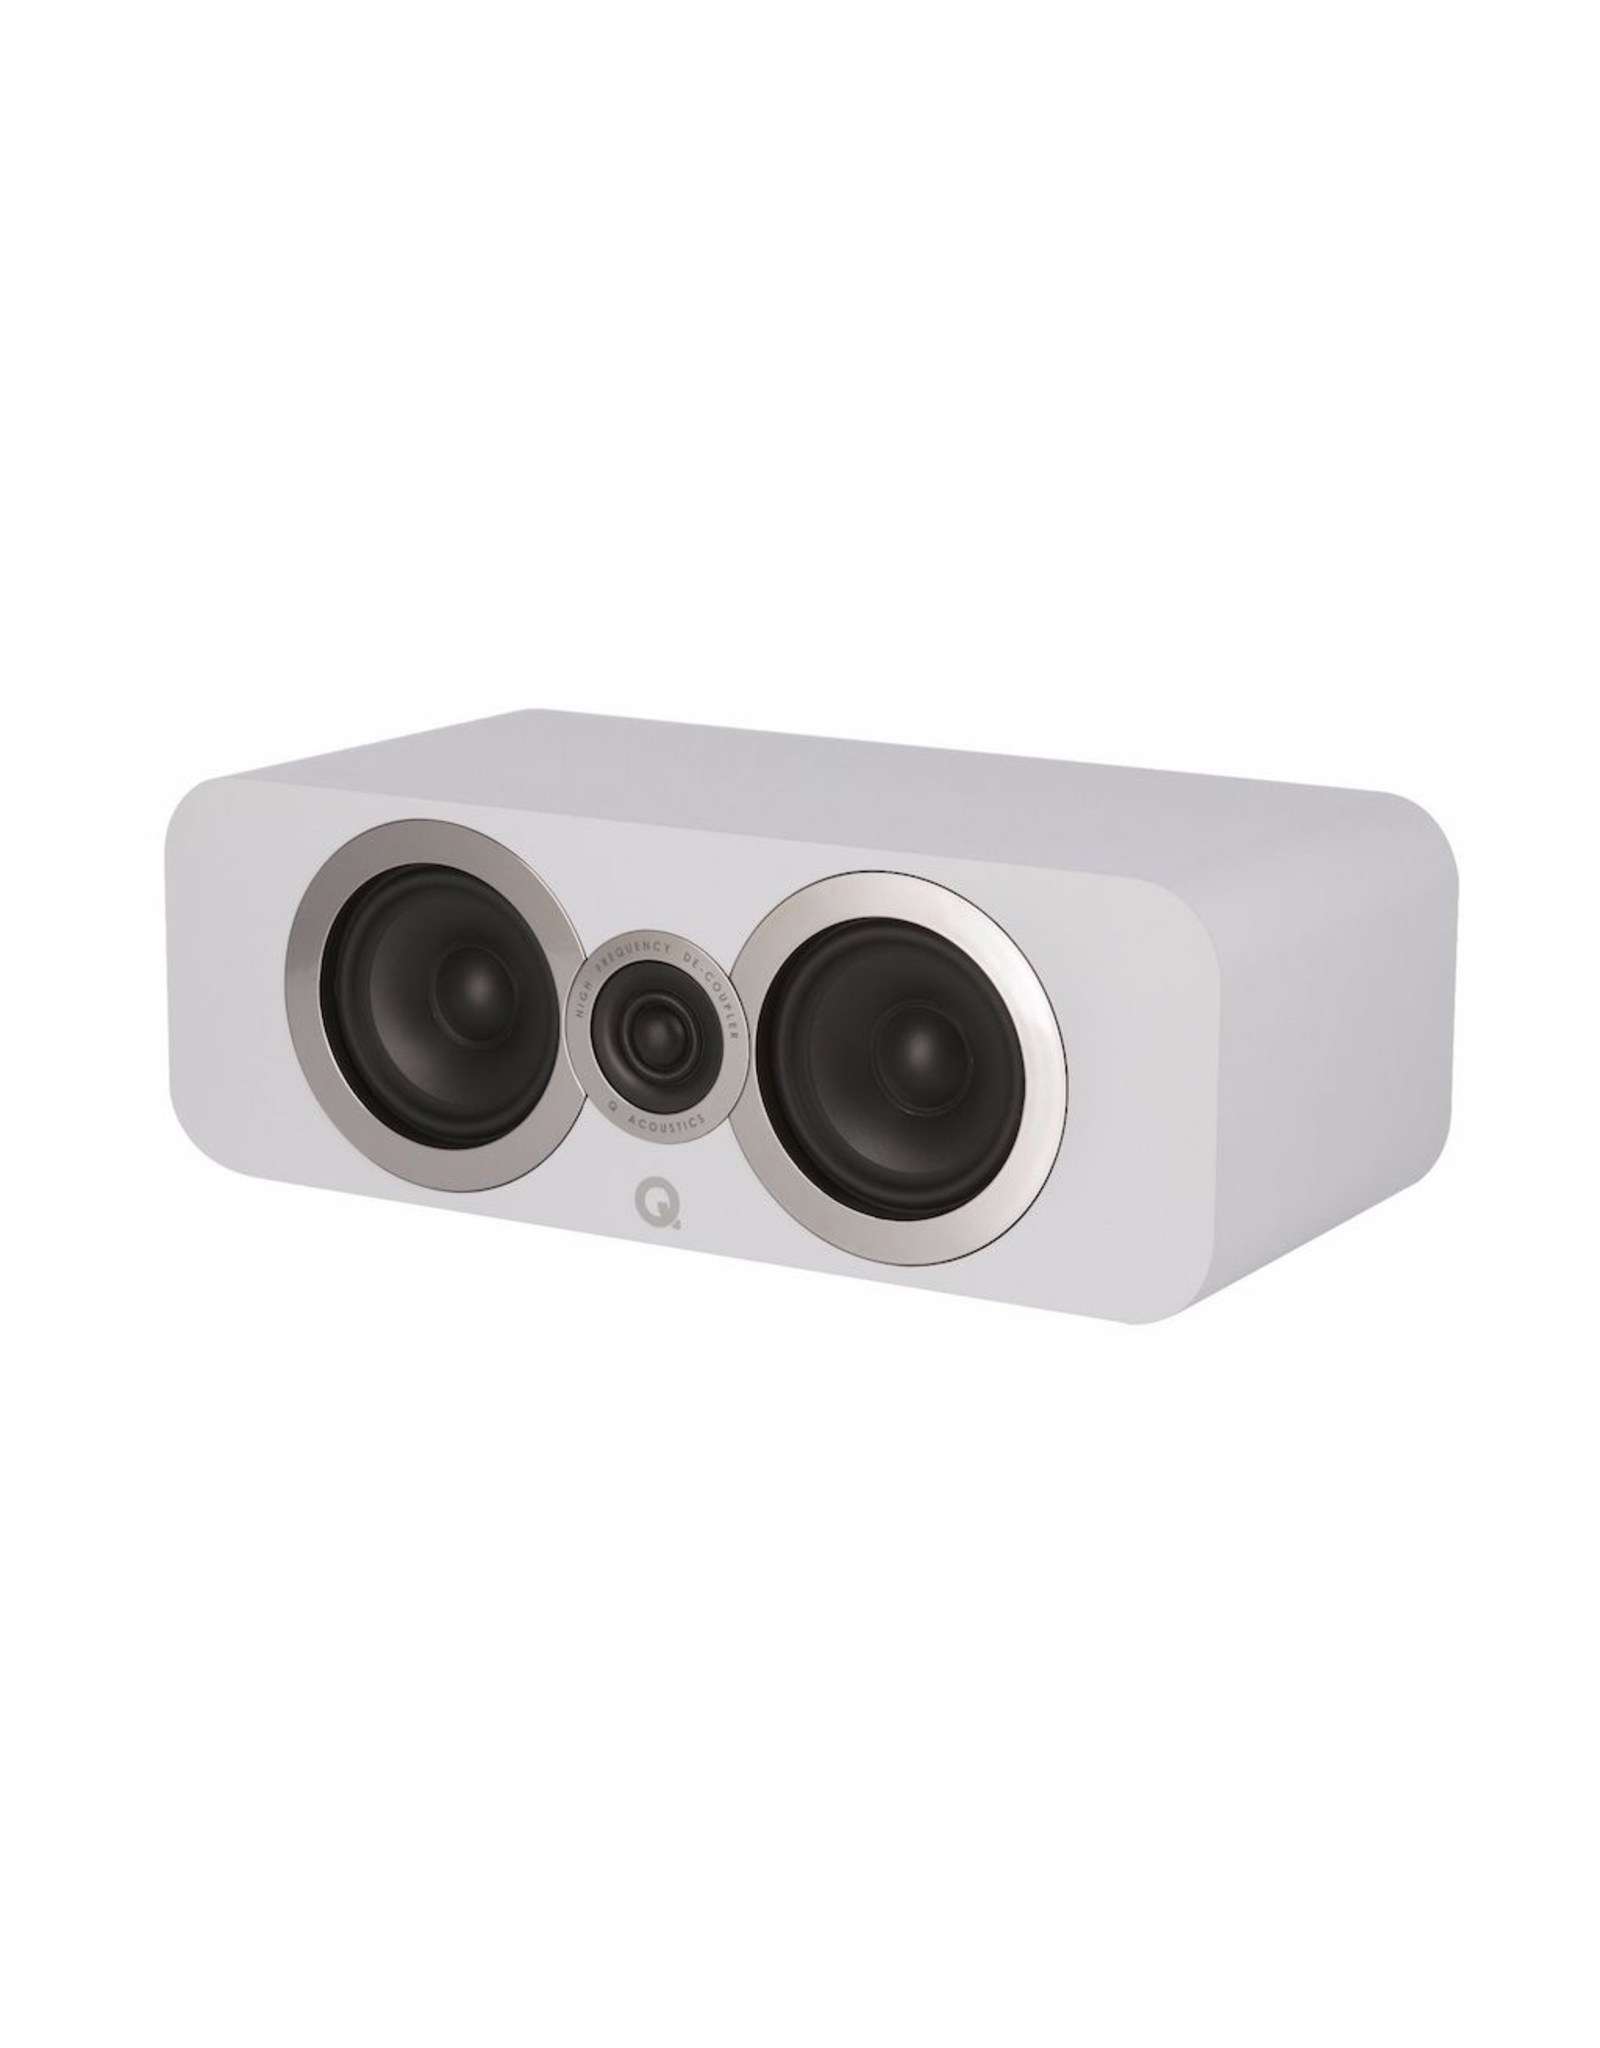 Q ACOUSTICS Q ACOUSTICS Q3090Ci Centre speaker